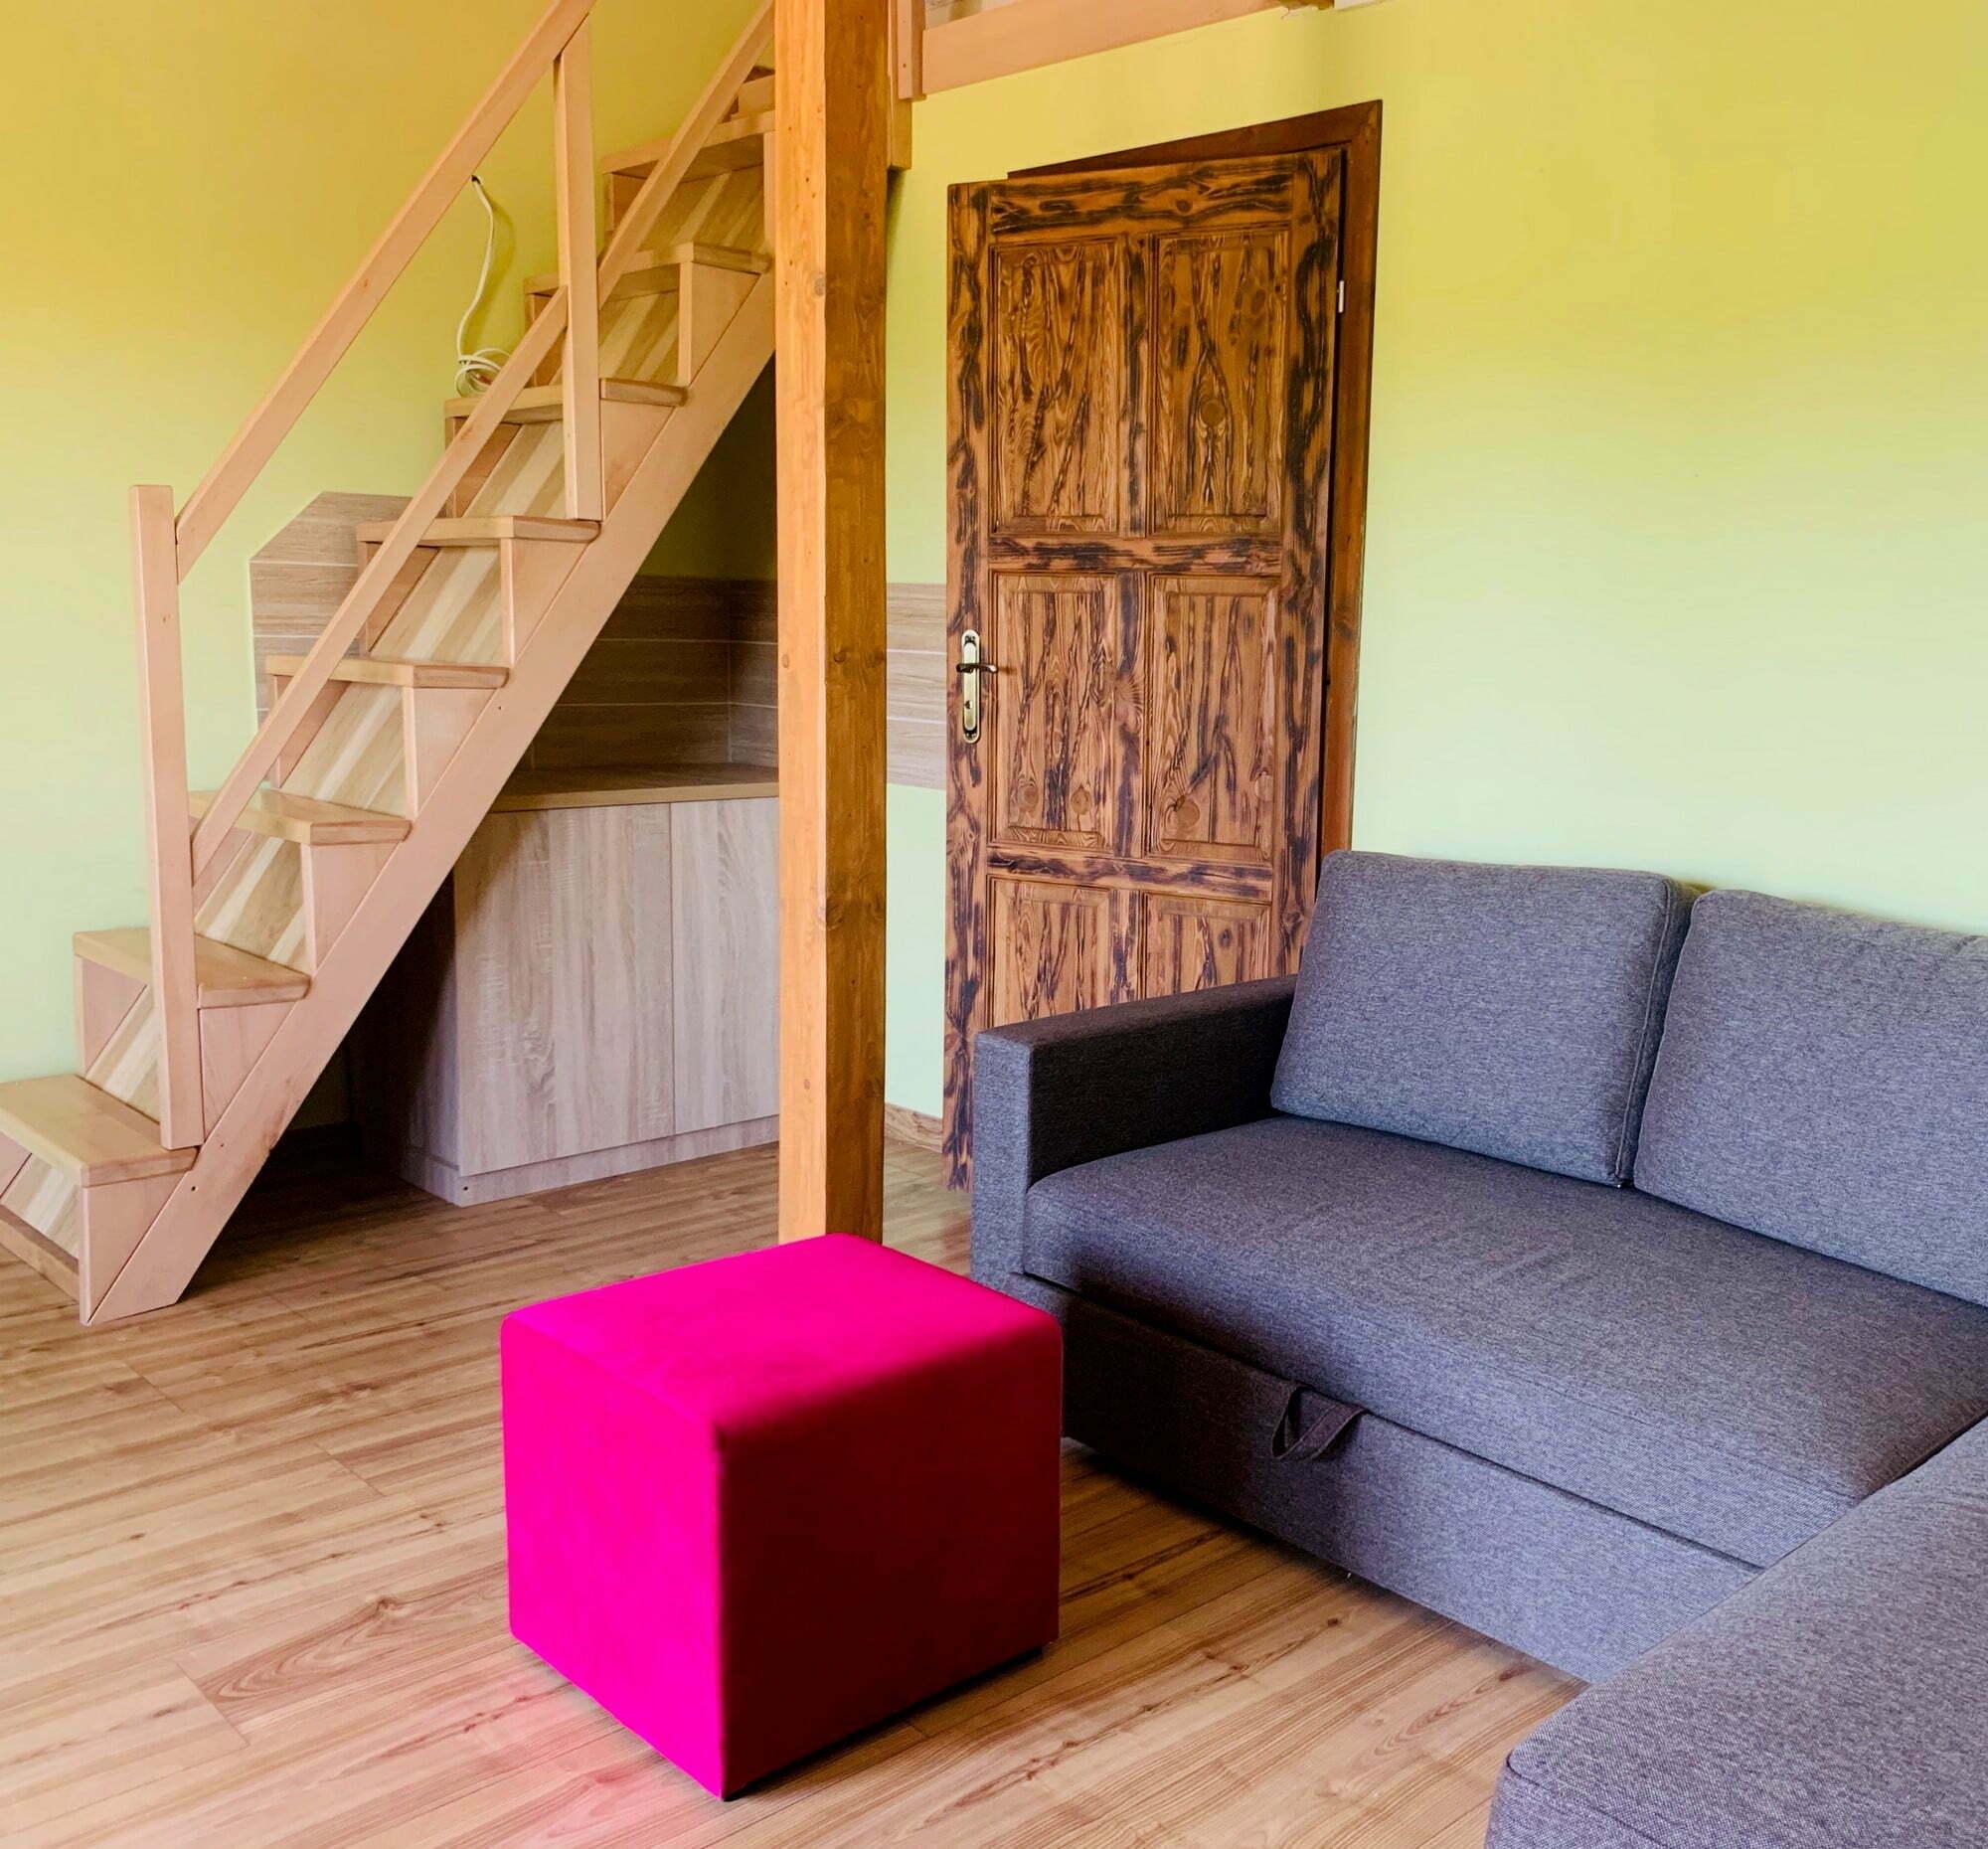 """Do Waszej dyspozycji mamy  3 apartamenty, a każdy z nich może pomieścić od 2 do 5 osób. Wykończenia elementami drewnianymi w stylu rustykalnym sprawiają, że pokoje są przytulne. W wyposażeniu każdego z nich jest kuchnia z prawdziwego dębowego drewna.   Czym byłaby agroturystyka bez sali kominkowej? Nasza jest wielofunkcyjna, bo oprócz tego, że jest przytulna, wygodna i ma kominek, to znajduje się w niej też biblioteka z książkami dla dorosłych i dla dzieci oraz miejsce na inne aktywności.  Do gospodarstwa przylega nasz prywatny las, który zachęca do spacerów, oferując przyjemny cień w upalne letnie dni i bogactwo swego runa, zwłaszcza jesienią. Wokół można obserwować pasące się konie i osły. Jest sielsko. A może filozofia """"dolce far nulla"""", czyli słodkie nic robienie?"""